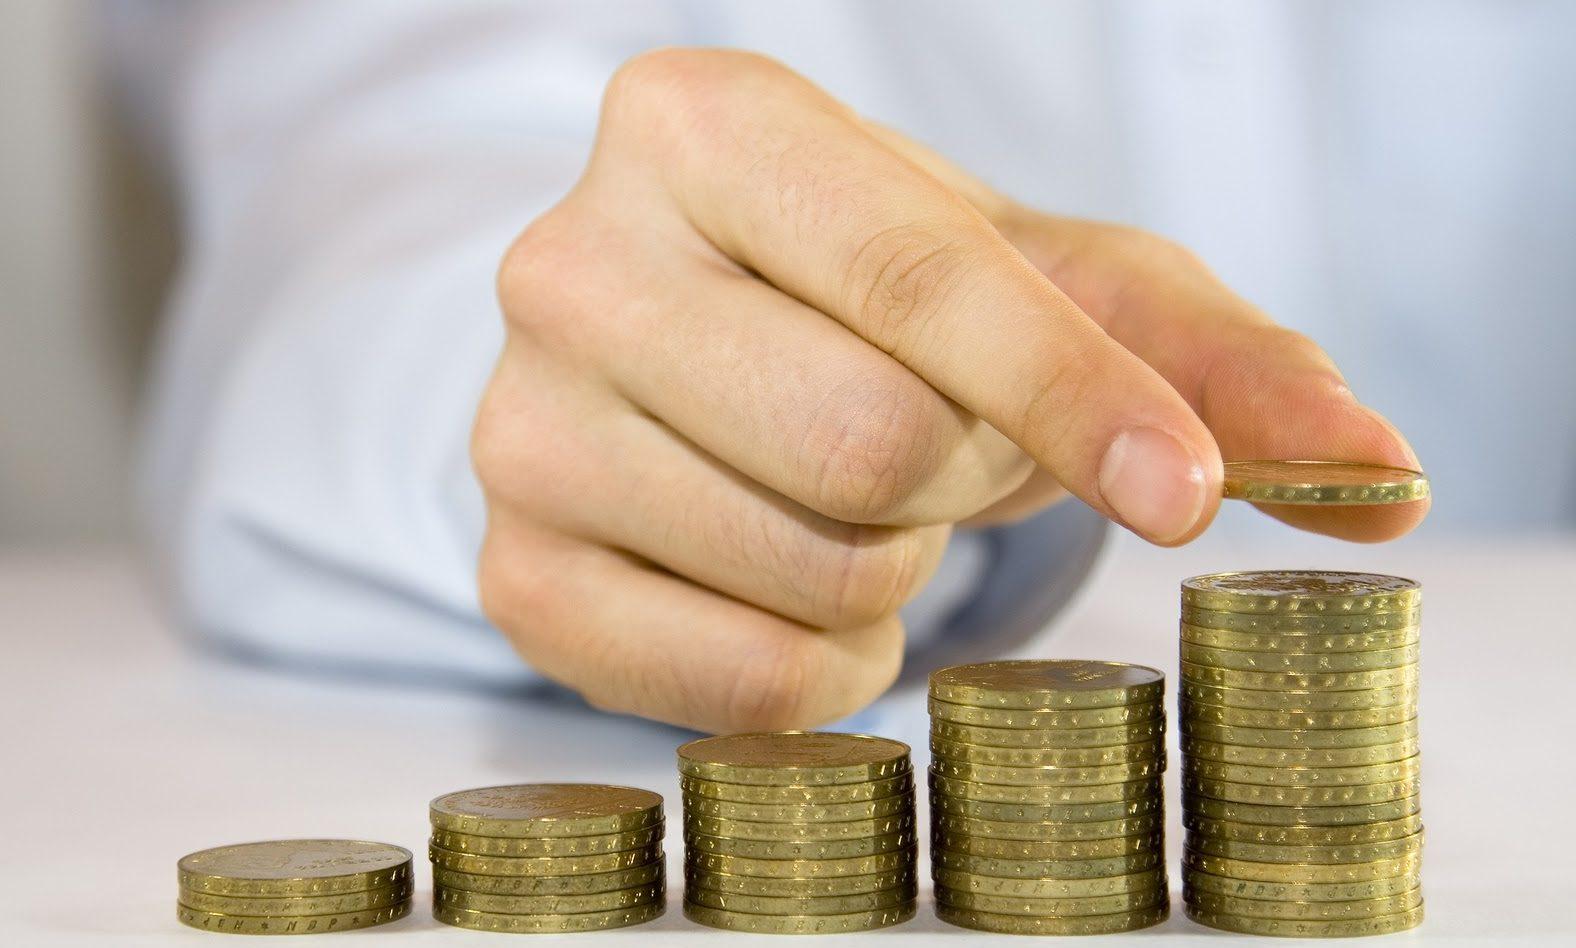 Hogyan lehet pénzt keresni otthonról?